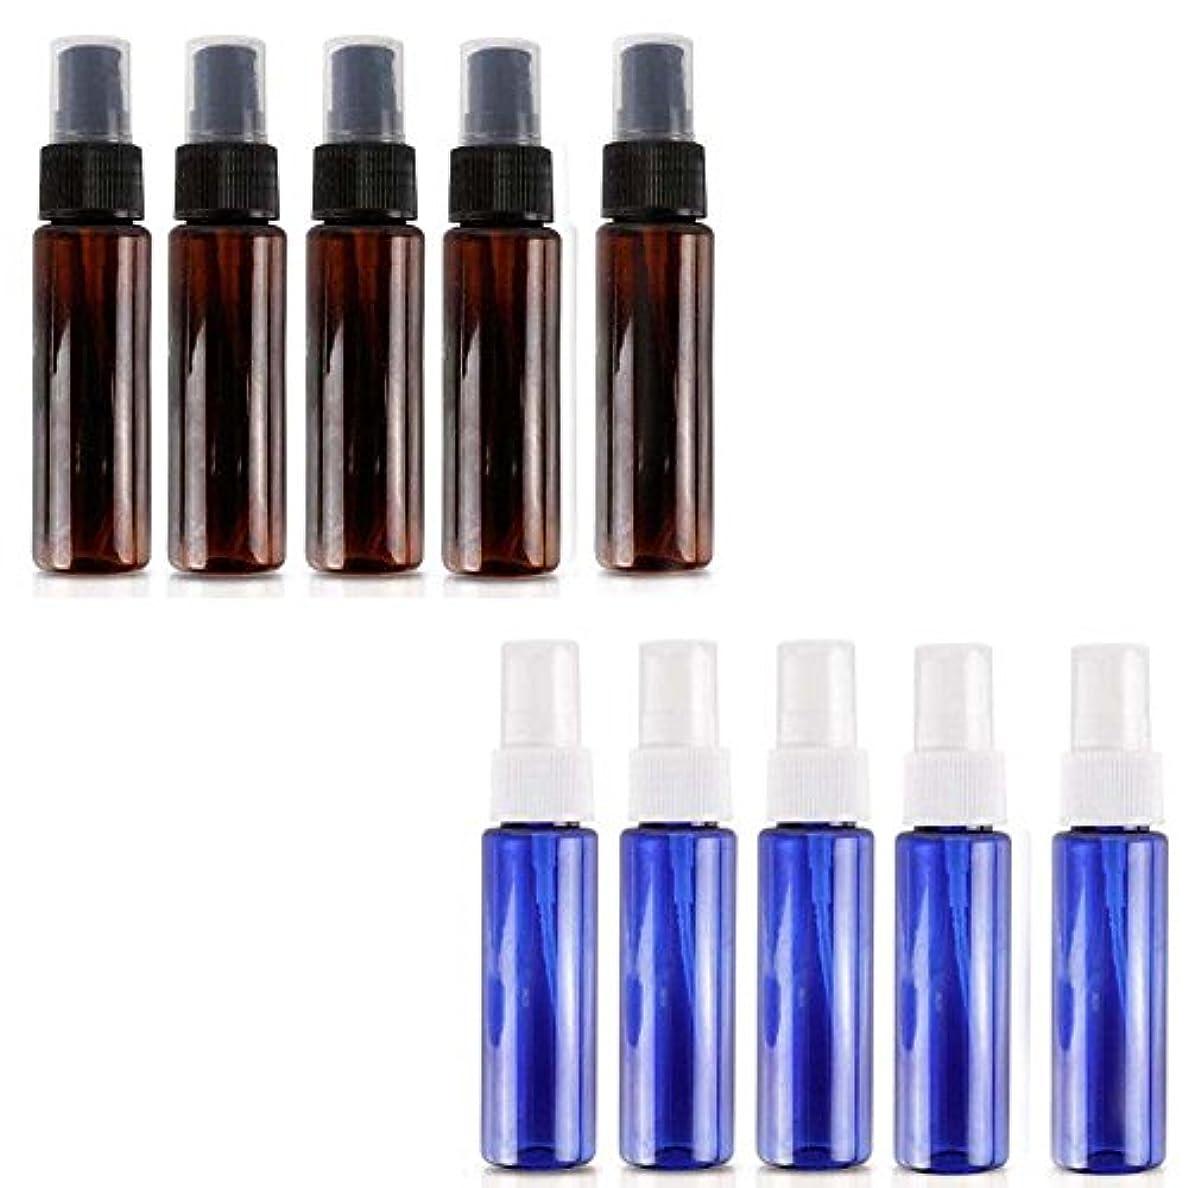 長さ分析的な蒸スプレー容器 スプレーボトル30ML 遮光瓶スプレー 10本 アロマ虫除けスプレー プラスチック製